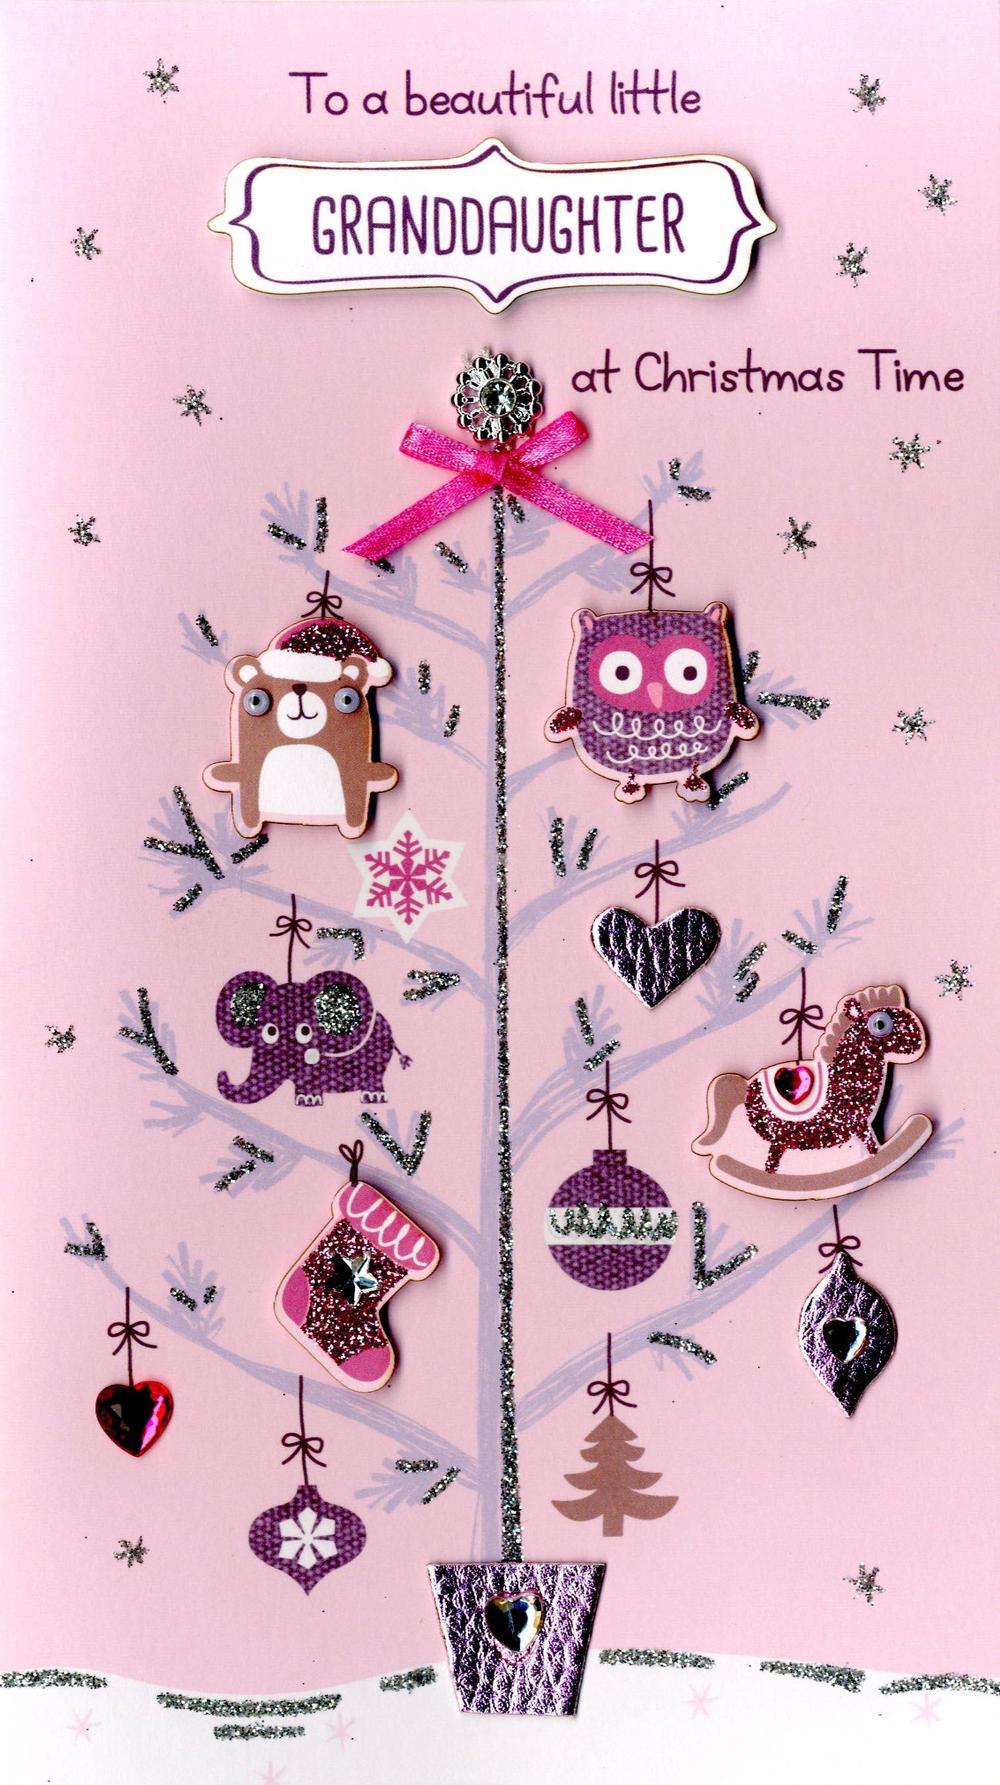 Little Granddaughter Embellished Christmas Card